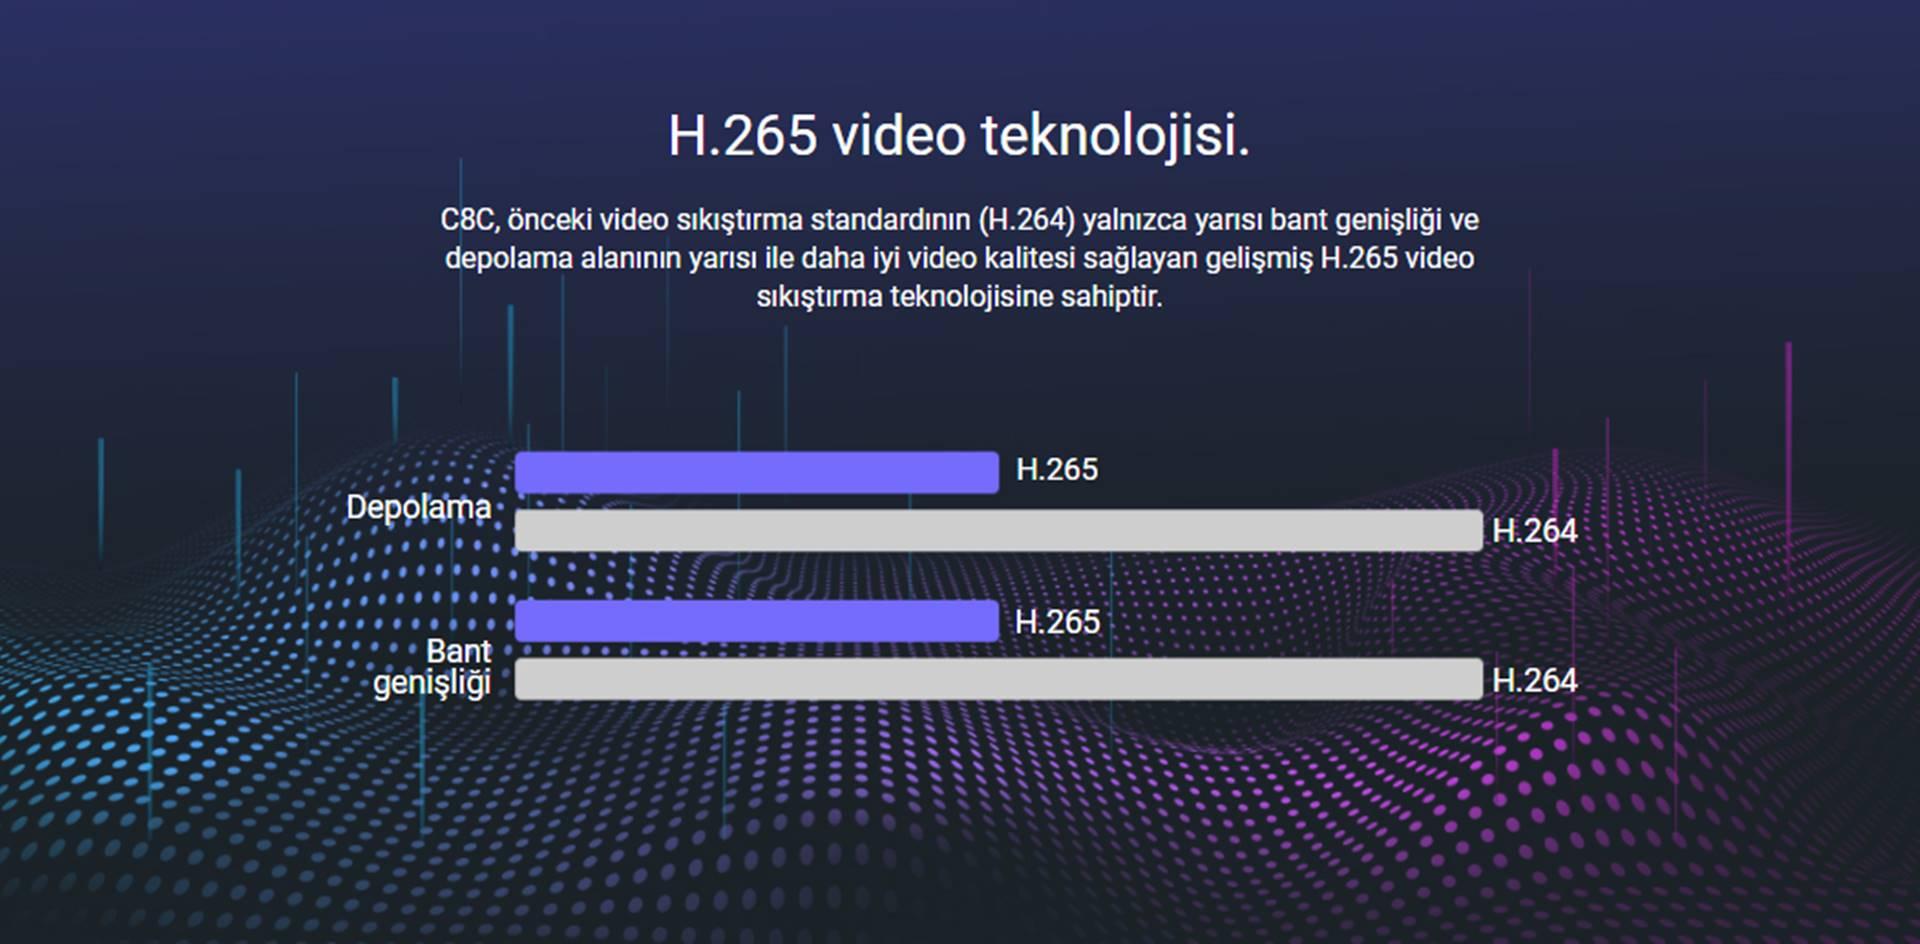 EZVIZ C8C WLAN IP kamera dış mekan 1080p FHD 100ft gece görüşü KI-kişi algılama Pan Tilt